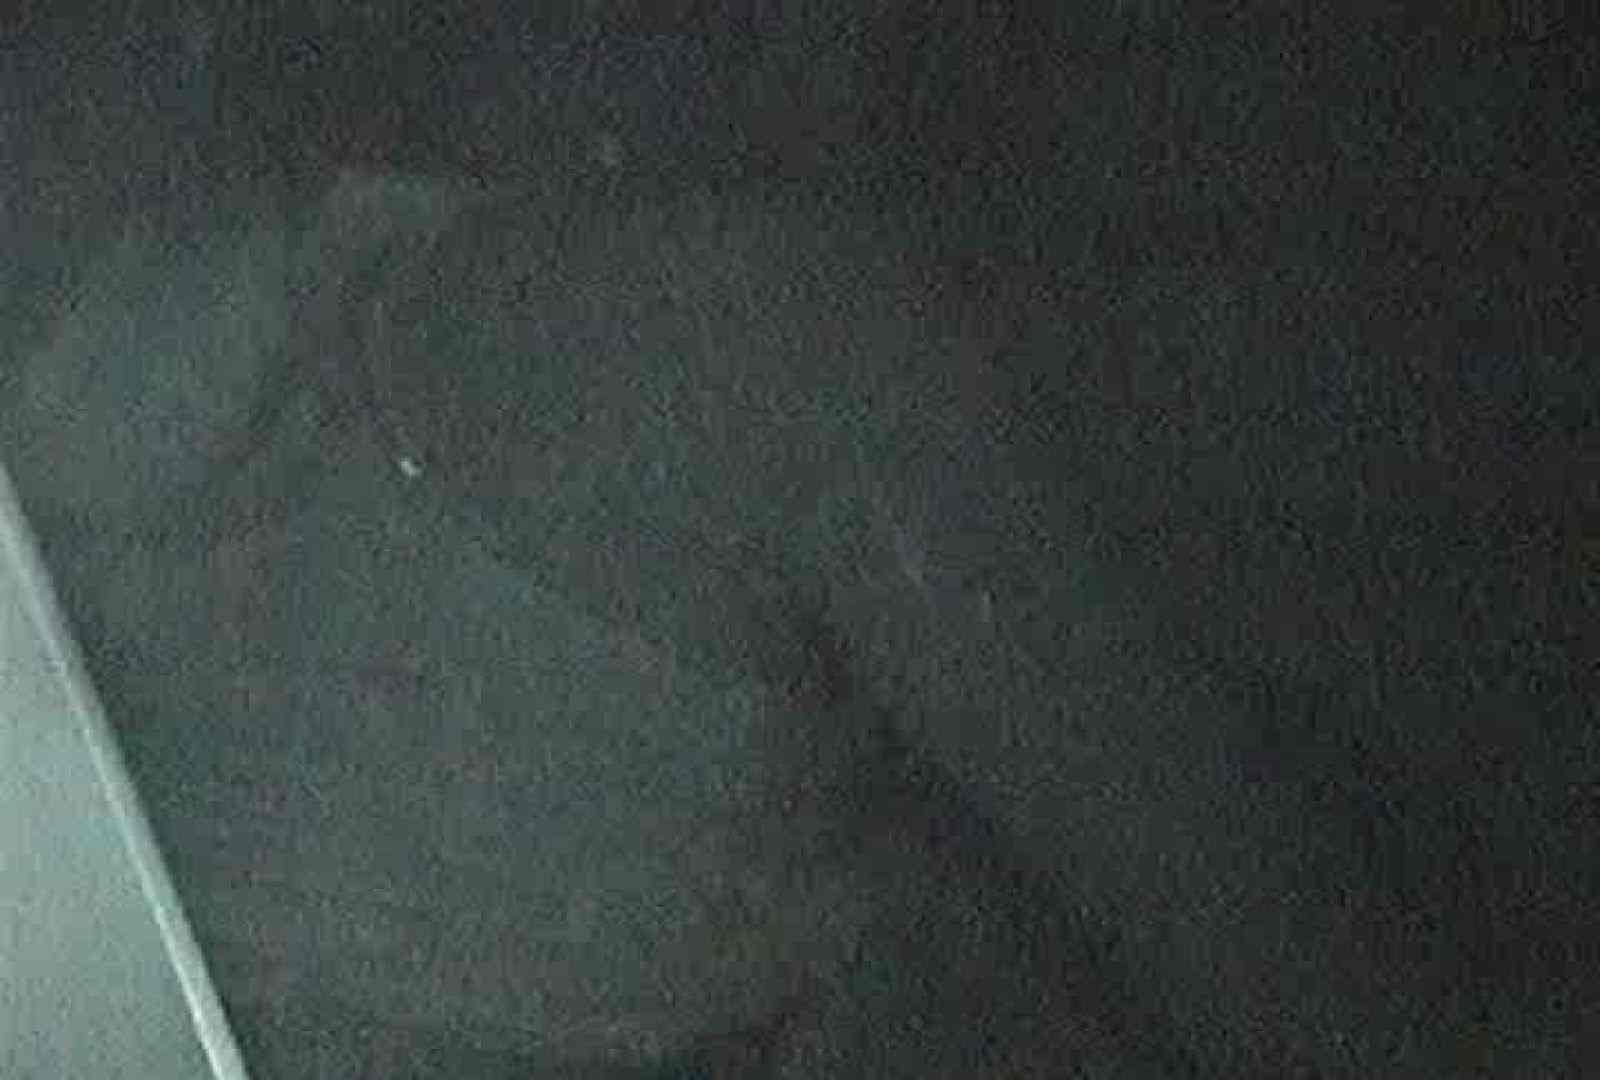 「充血監督」さんの深夜の運動会!! vol.067 OLの実態 | 熟女の実態  44pic 25